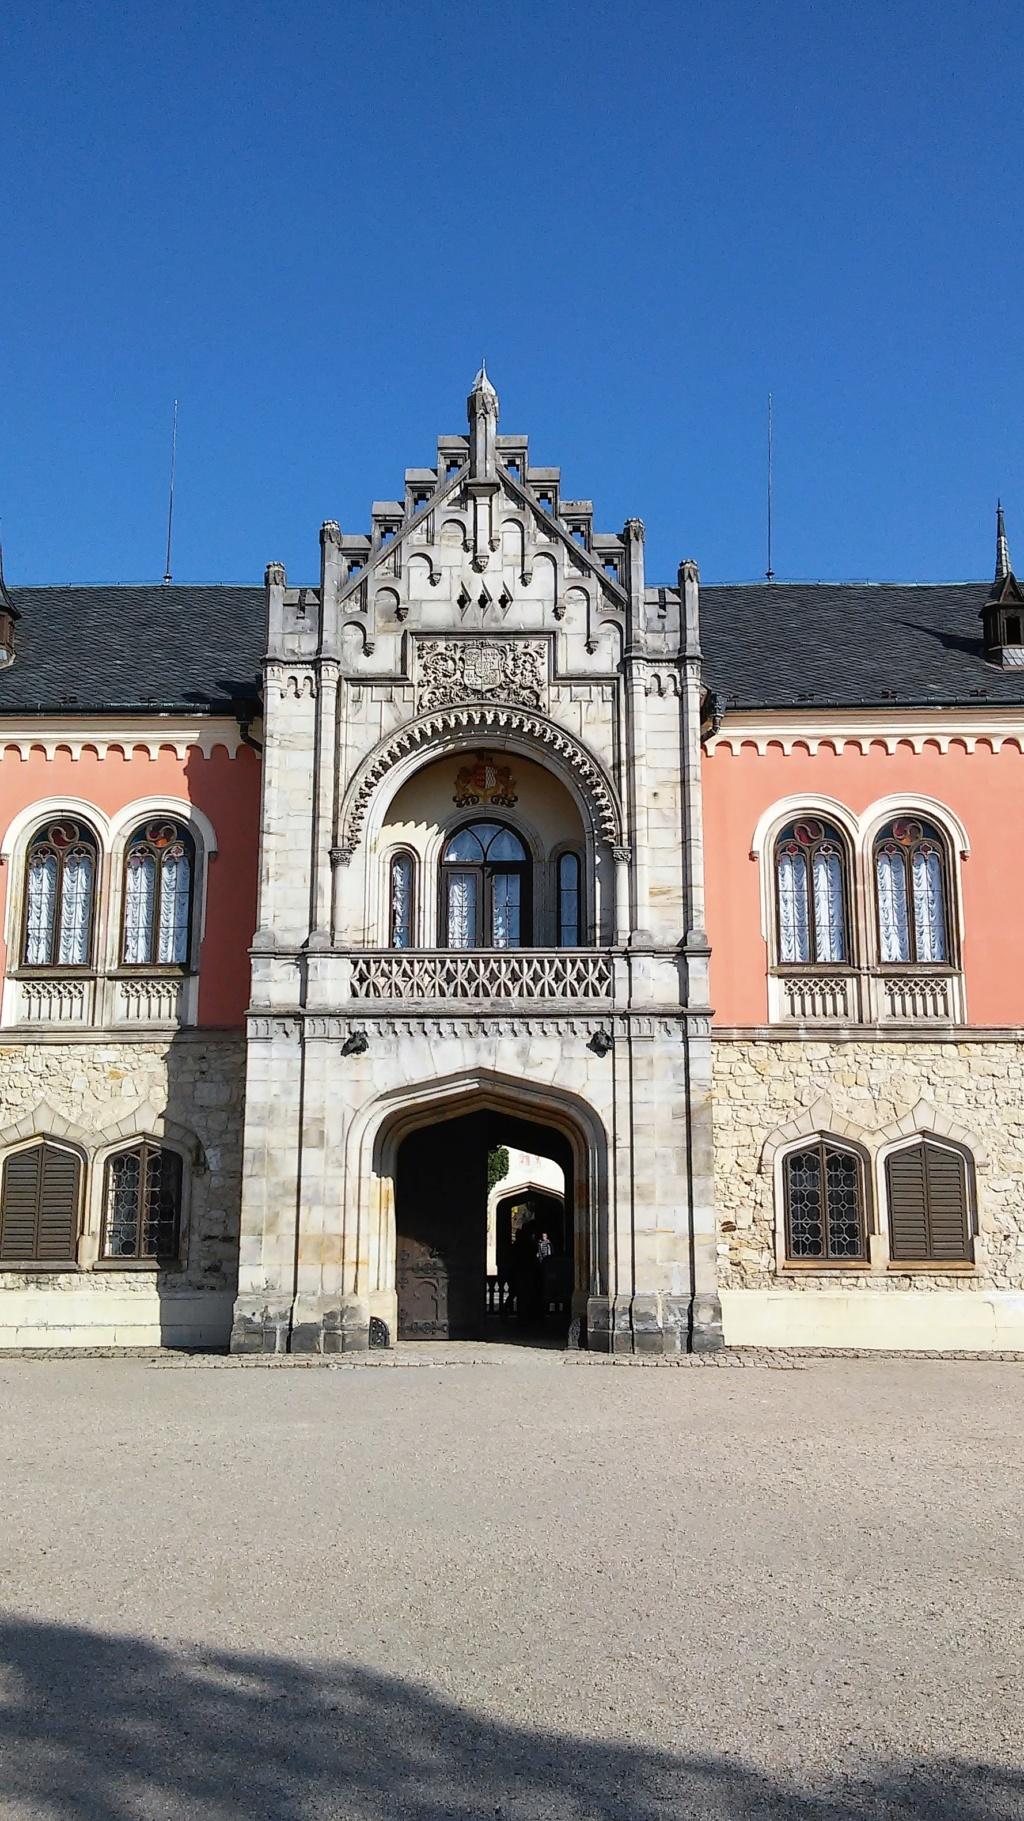 Château de Sychrov pour le cardinal Rohan et Victoire Armand, princesse de Guéménée le 14 octobre 2018 20181442